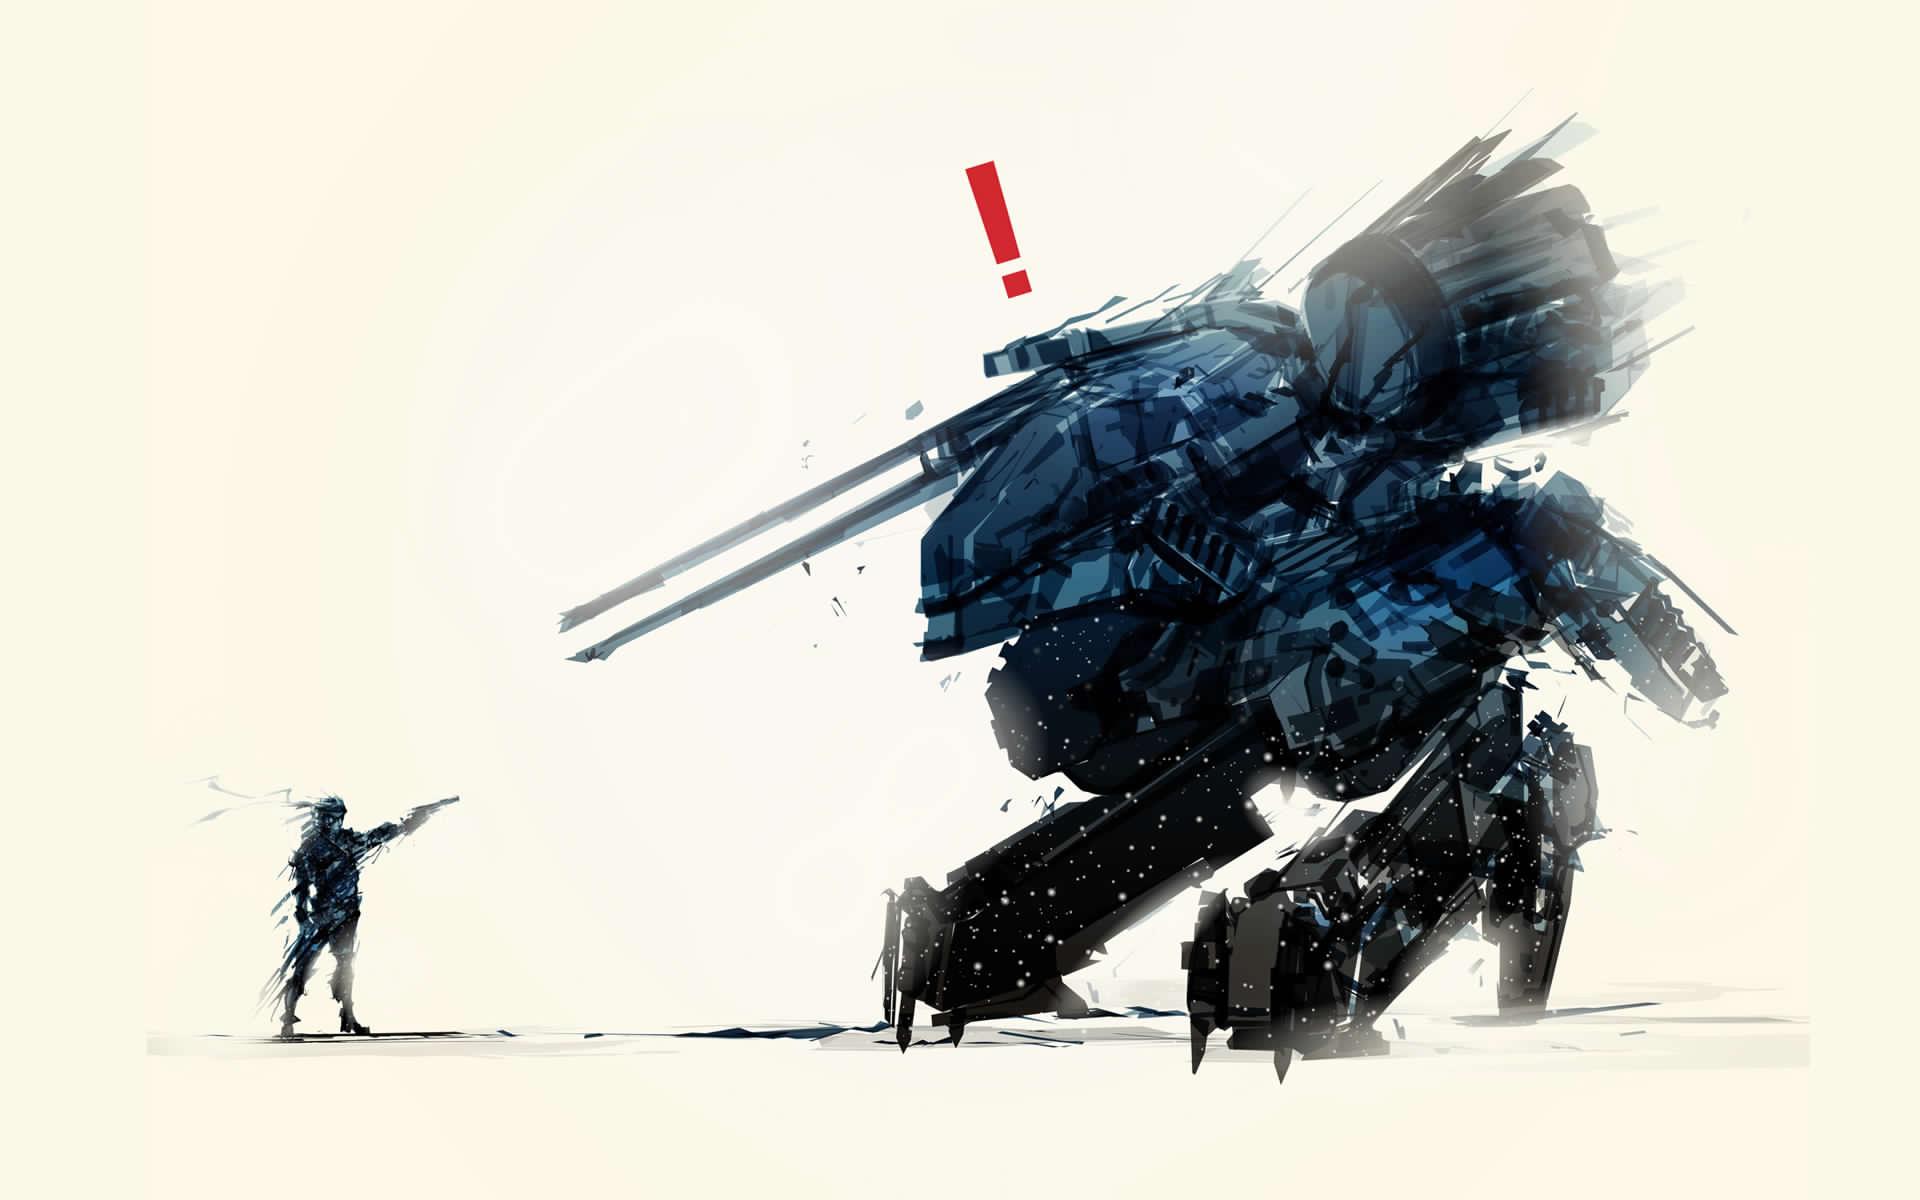 Metal Gear Solid Movie is in Development